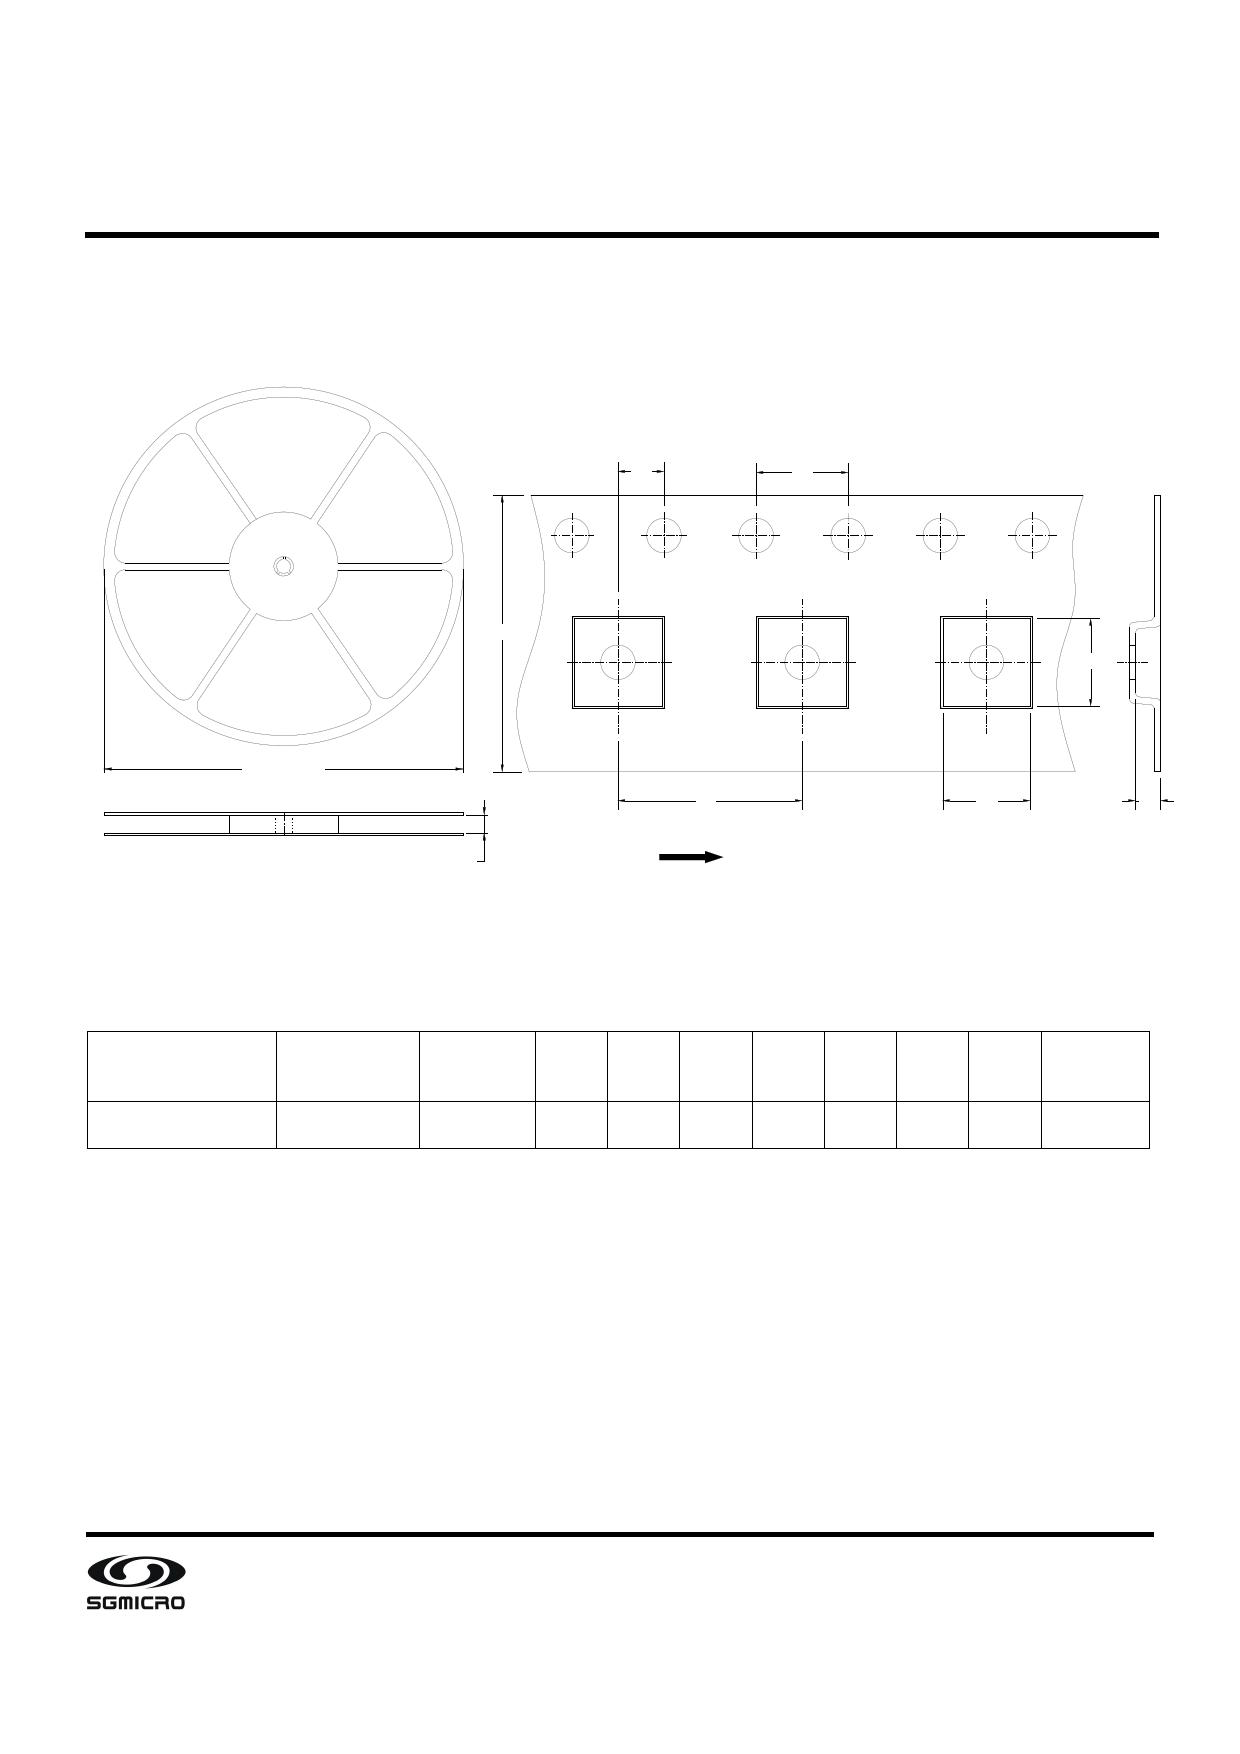 SGM9126 diode, scr